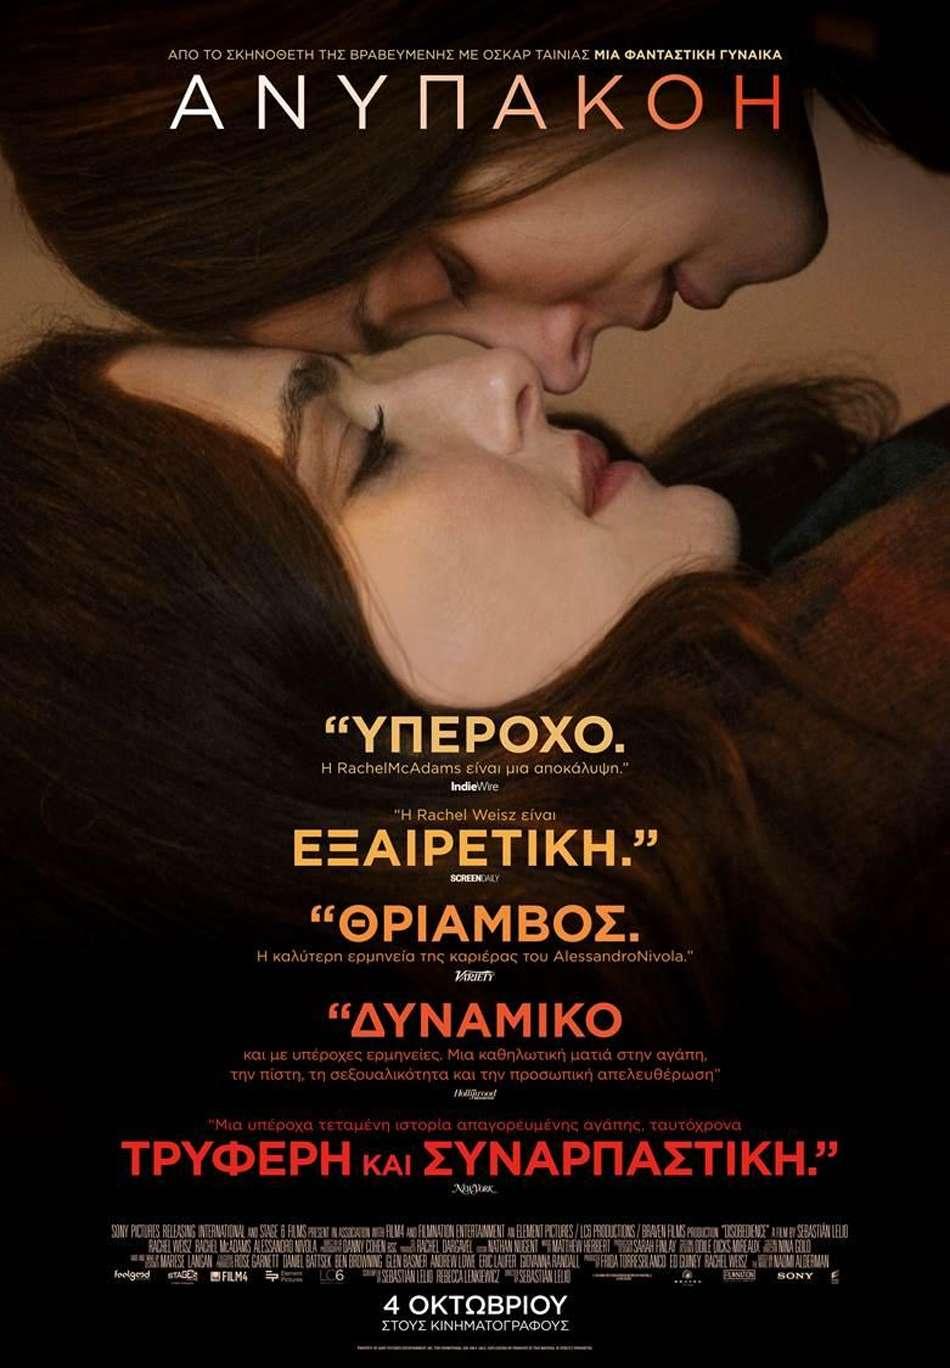 Ανυπακοή (Disobedience) Poster Πόστερ